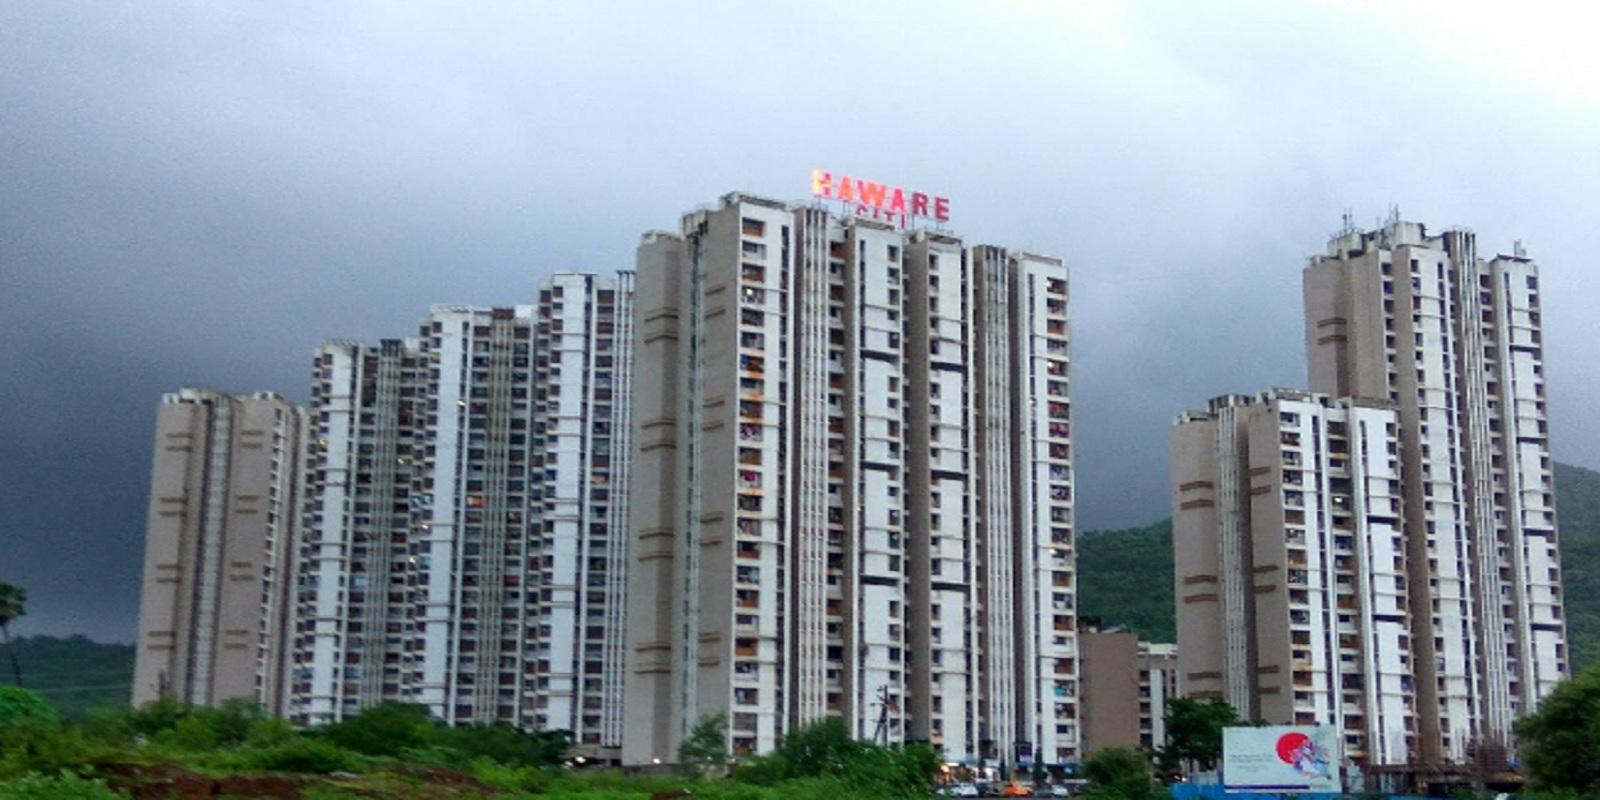 tower-view-Picture-haware-citi-2827618